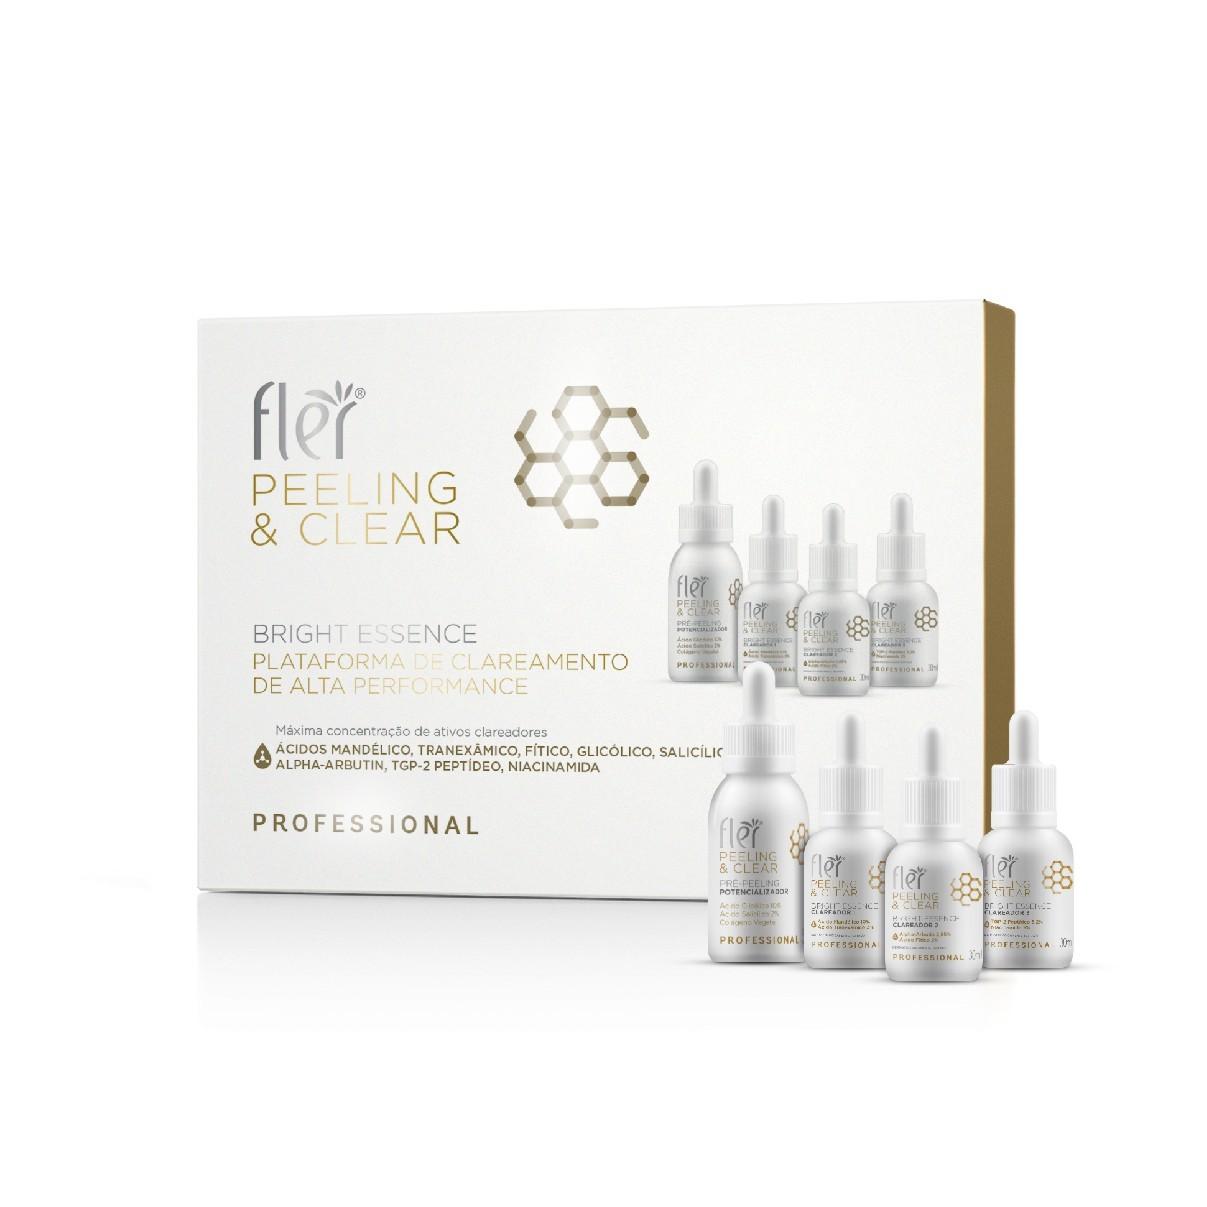 Kit Bright Essence Peeling & Clear Plataforma de Clareamento de Alta Performance - Fler